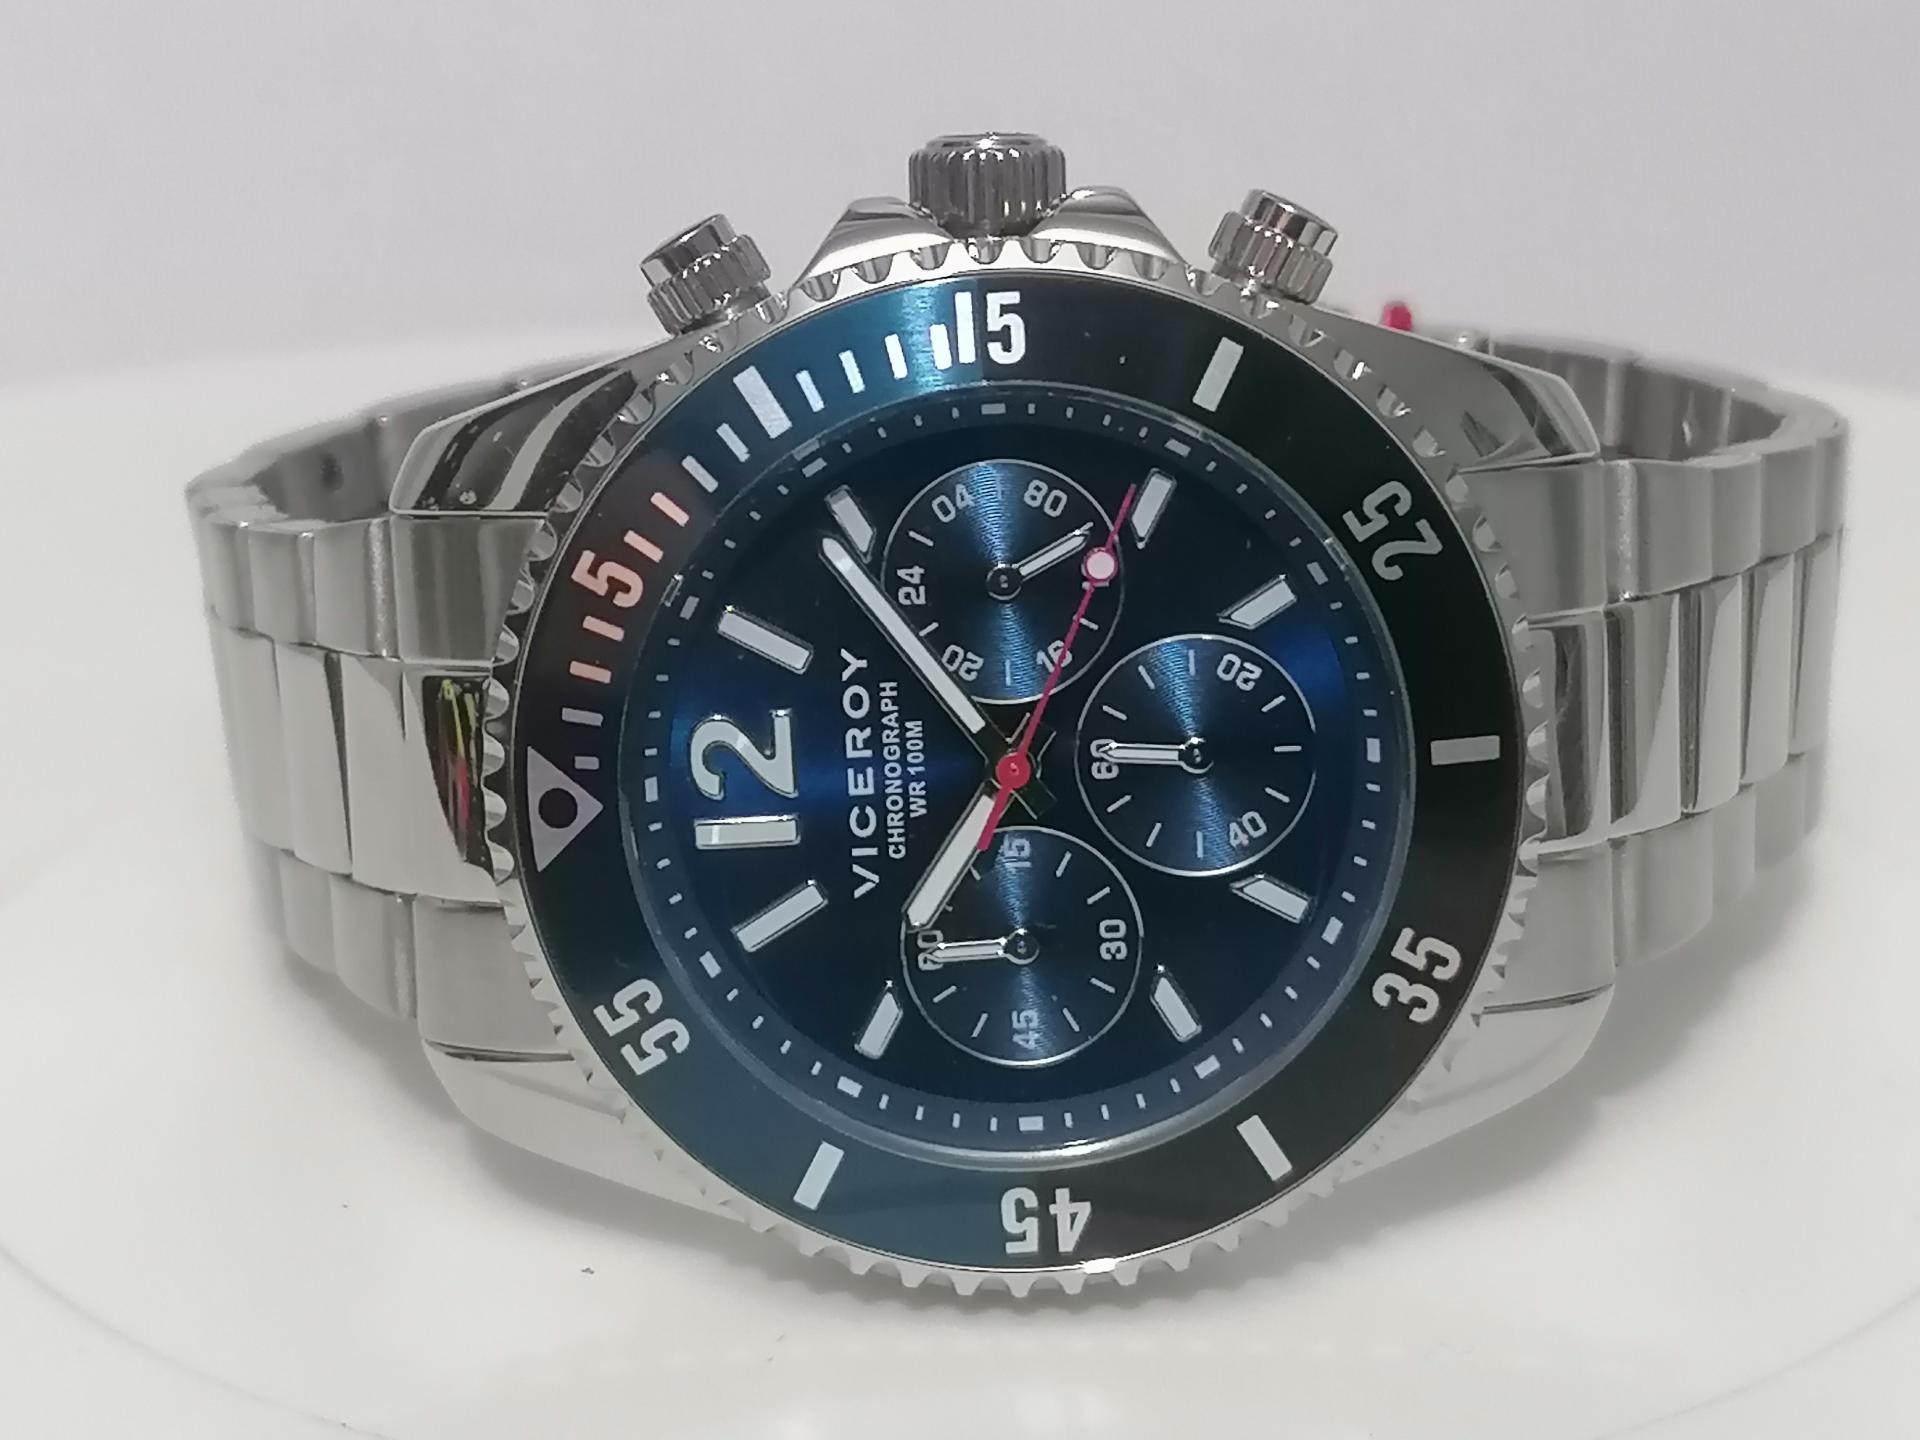 Reloj Viceroy Hombre Multifuncion Azul En Acero 401225-35